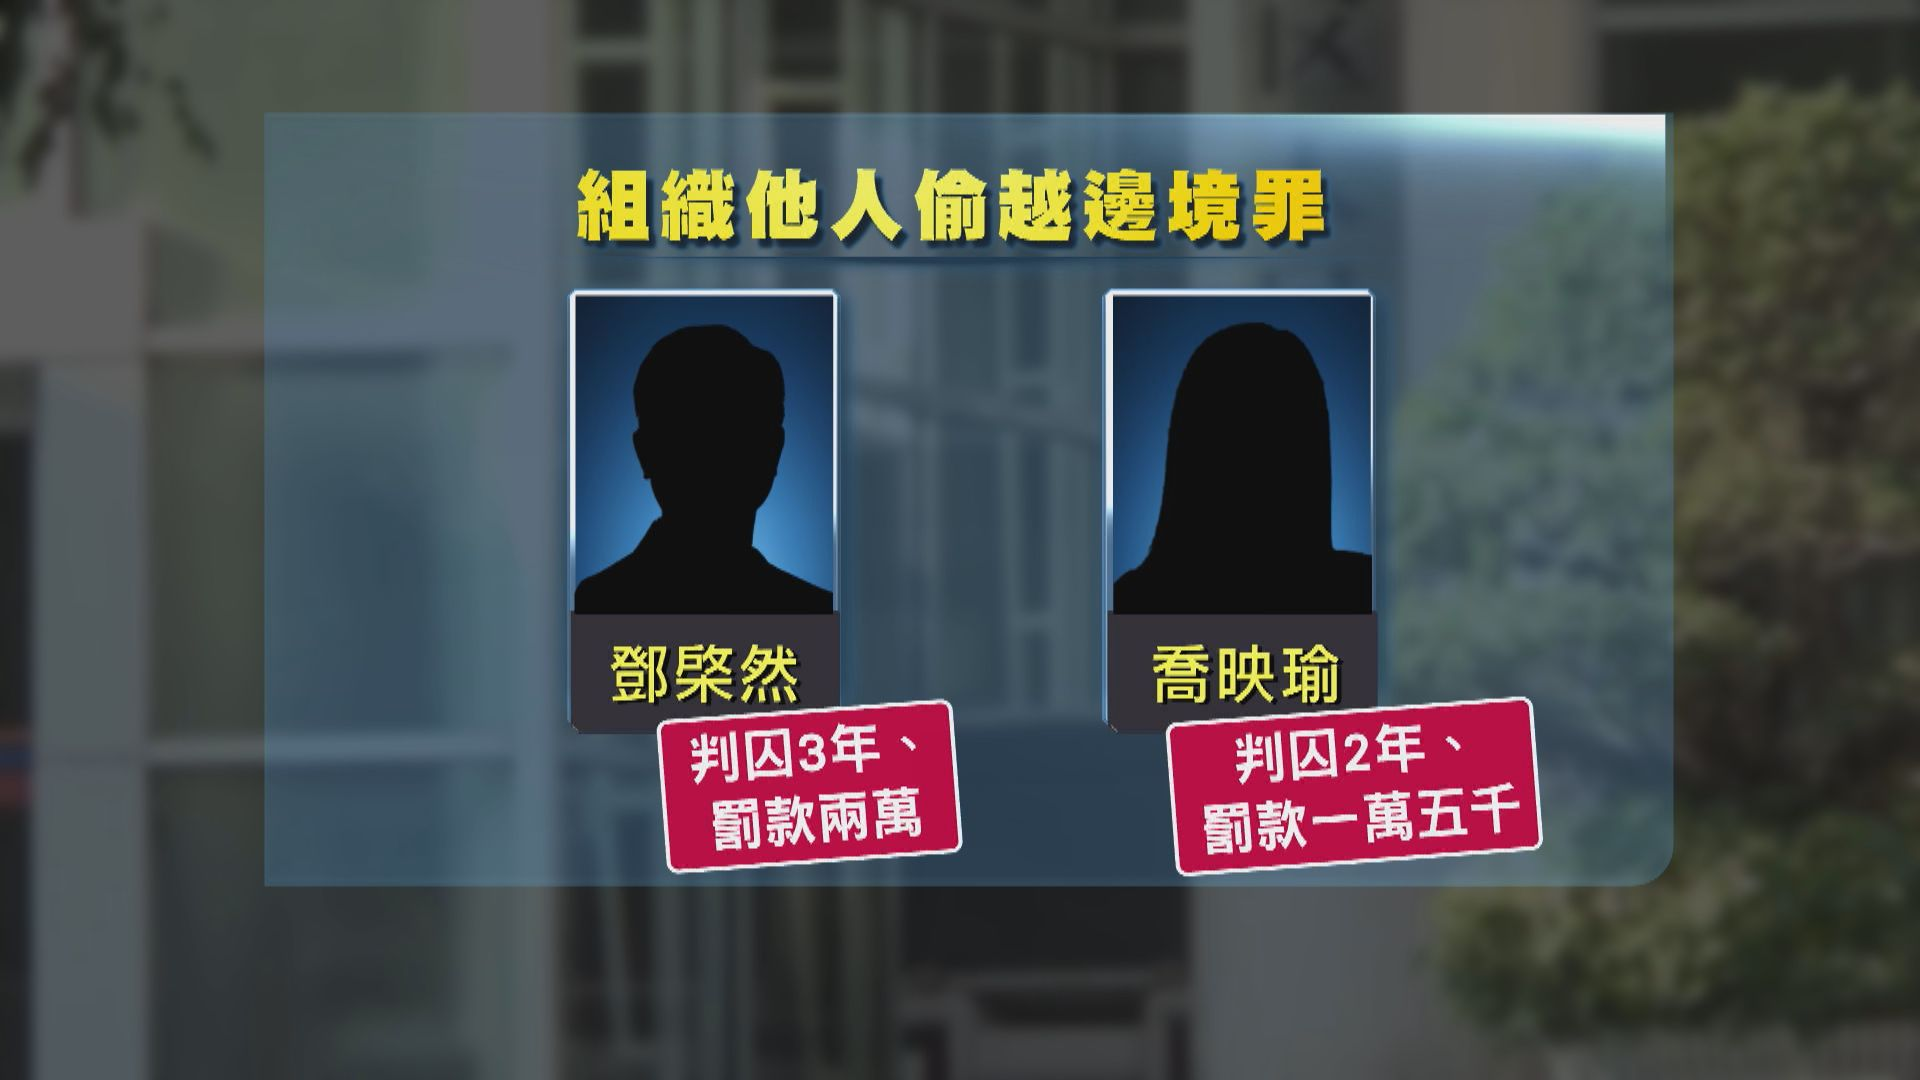 【12港人案】十人受審判囚七個月至三年 內地律師料部分人最快明年三月獲釋